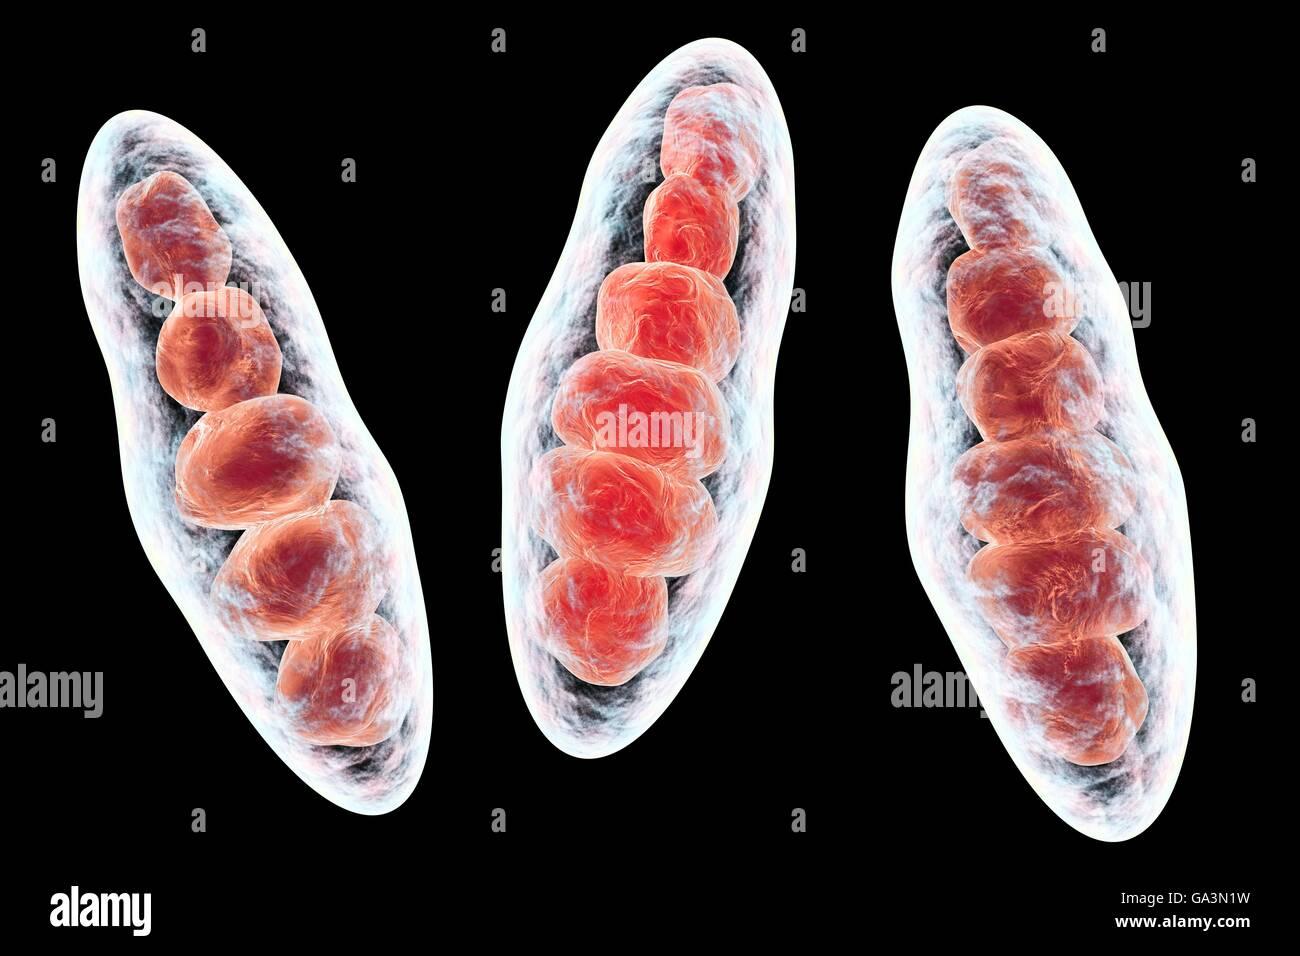 Computer illustrazione di Trichophyton mentagrophytes, la causa del piede d'atleta (tinea pedis) e cuoio capelluto tigna (tinea capitus). Entrambi questi pelle contagiosa di diffusione delle infezioni da fungo di spore (rosso). T. mentagrophytes è una di molte specie di funghi che possono crescere nella pelle umana, causando infiammazione e prurito. Il piede d'atleta e tigna sono trattati con farmaci antifungini. Visto qui sono macroconidia (multi-corpi cellulari contenenti le spore). Foto Stock